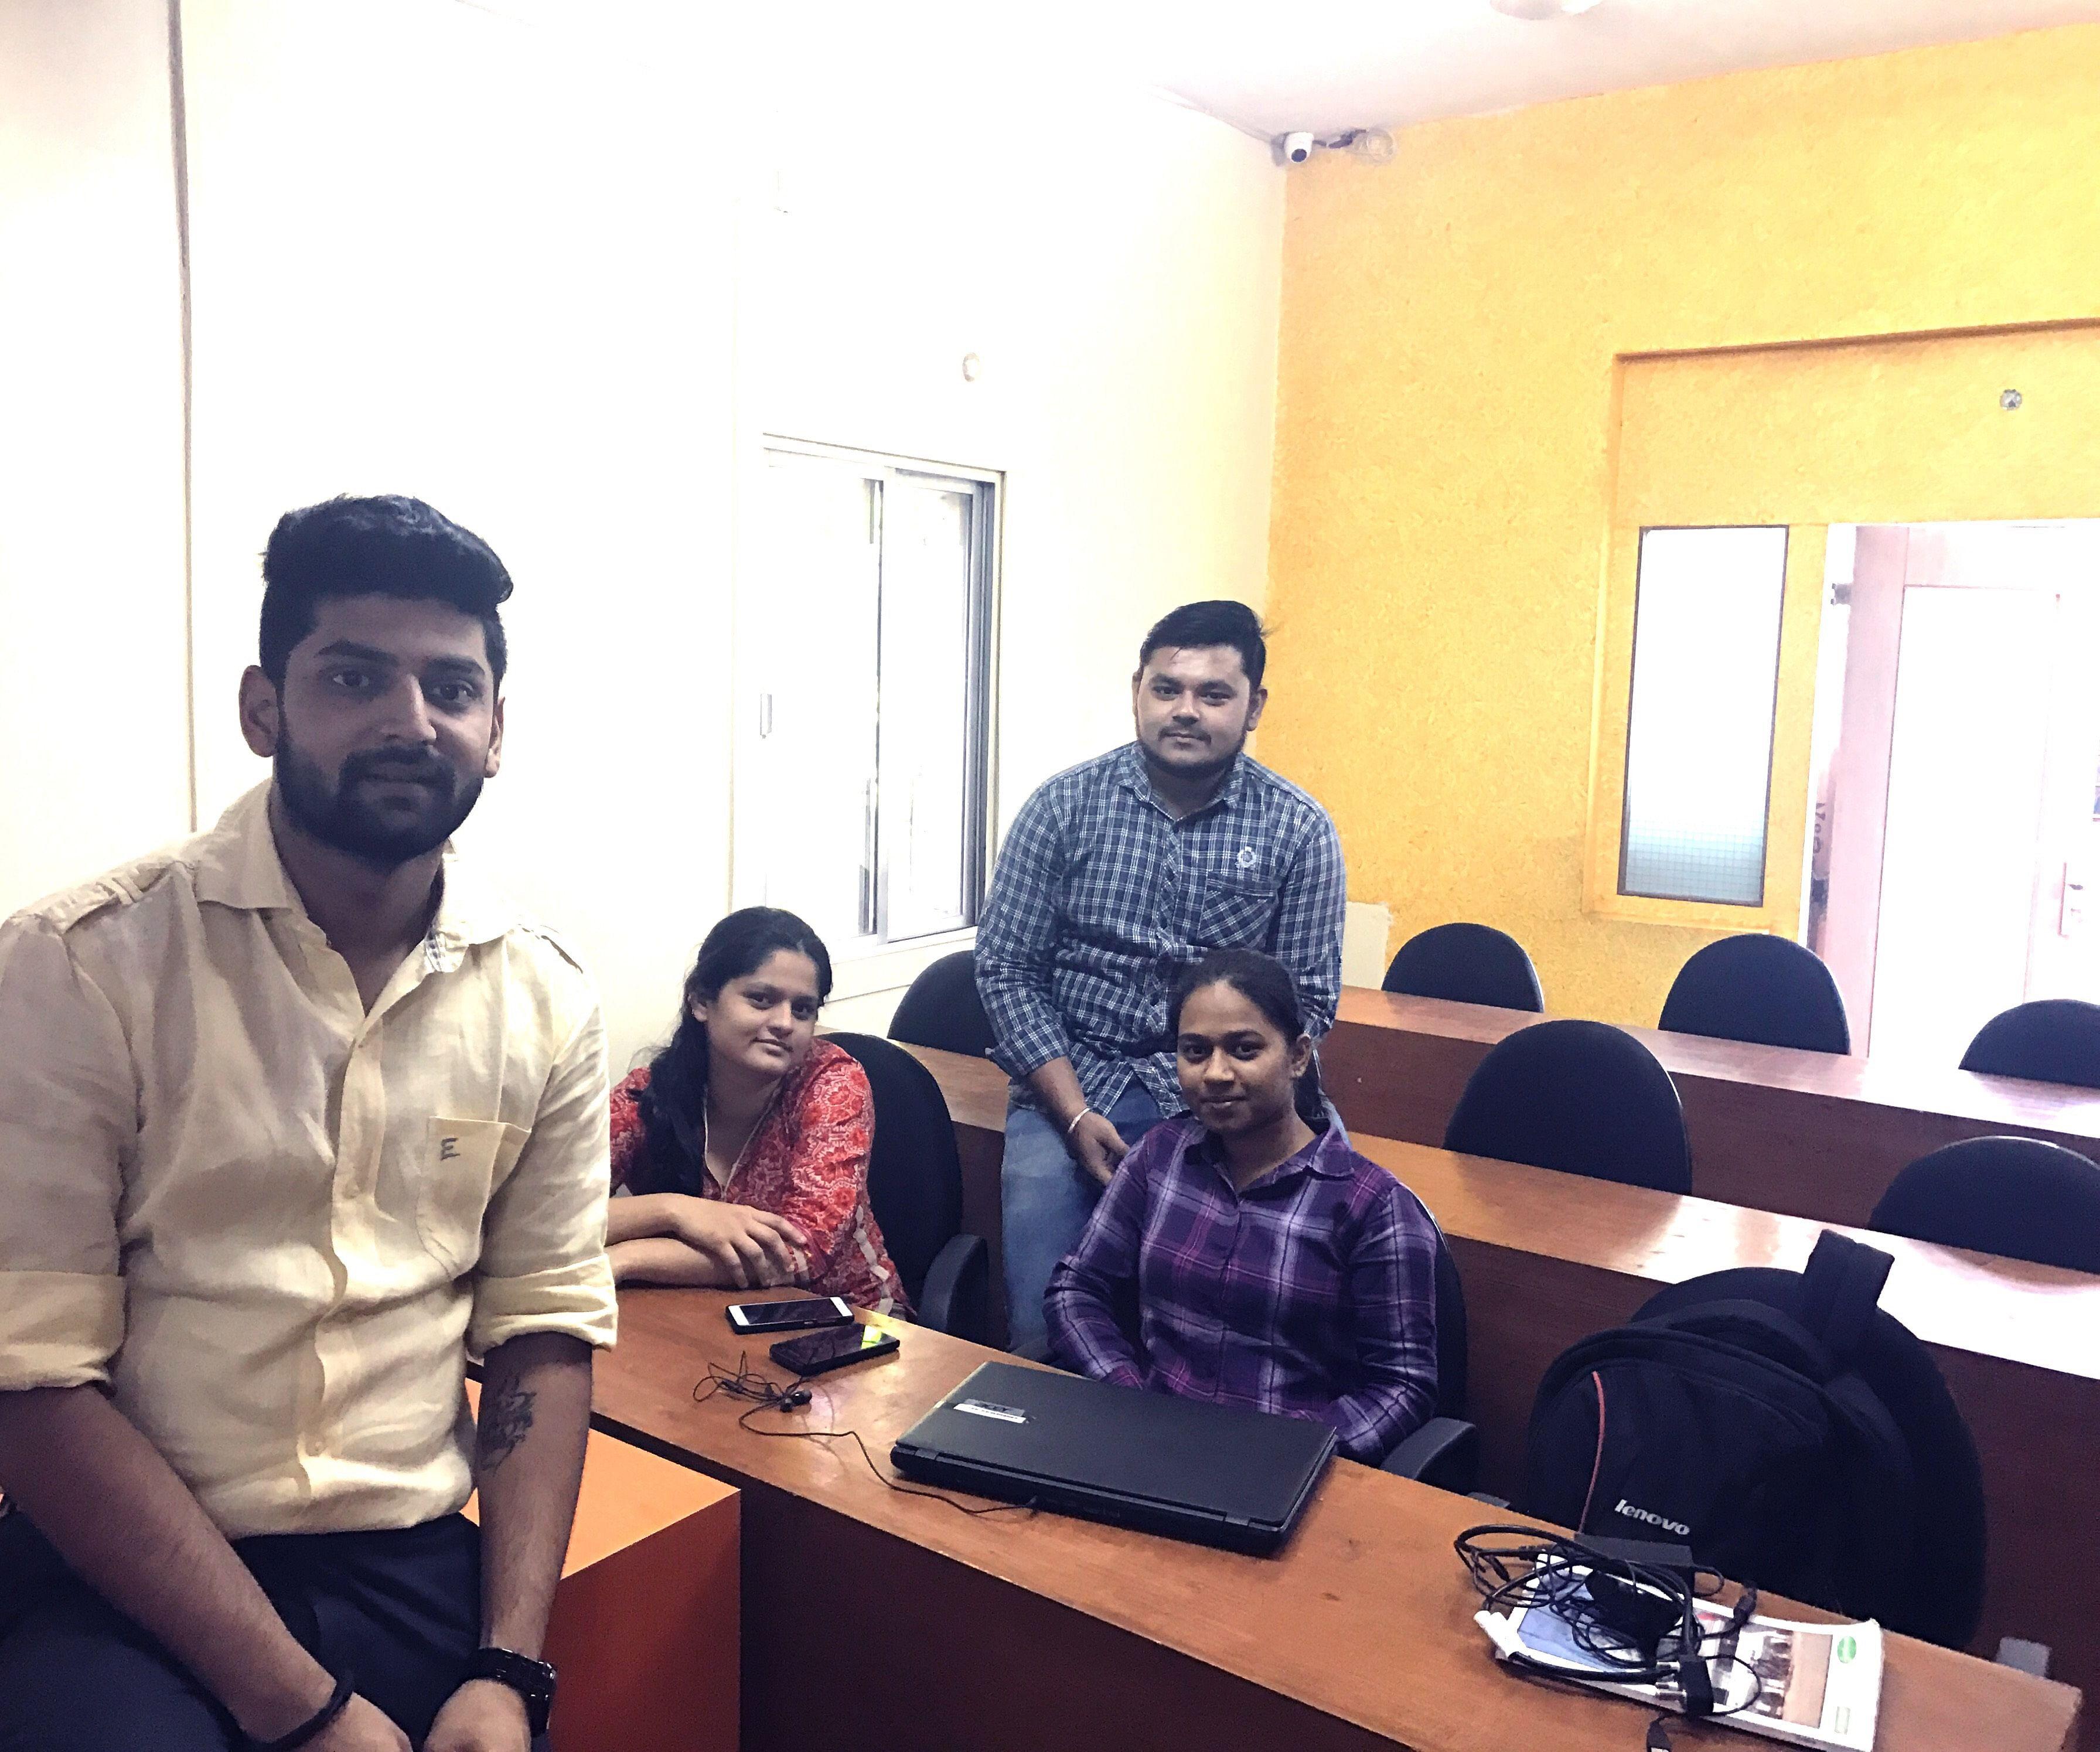 Team Pune (From Left to Right- Vaibhav Kashyap, Shital Kulkarni,&nbsp; Divyanshu Lawaniya, Shubhada Jagadale,)<br>